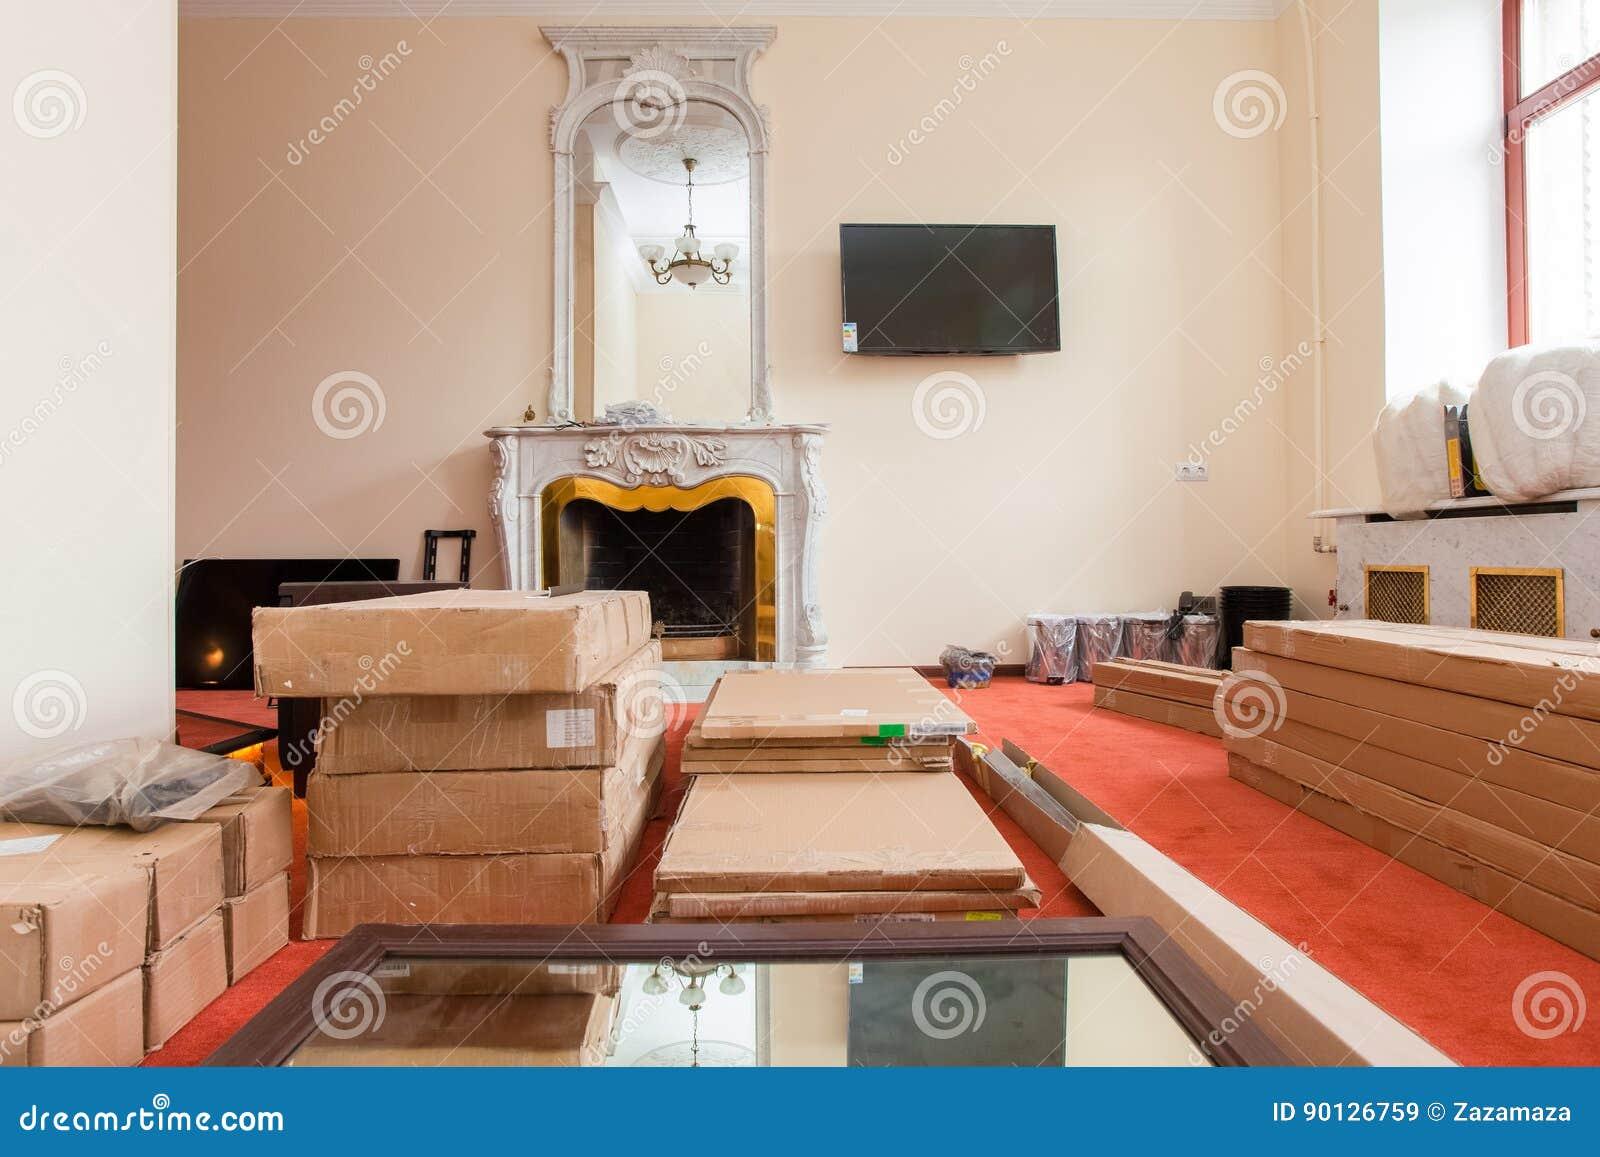 Fußboden Für Wohnung ~ Baumaterialien möbel fernsehen und telefon sind auf dem boden in